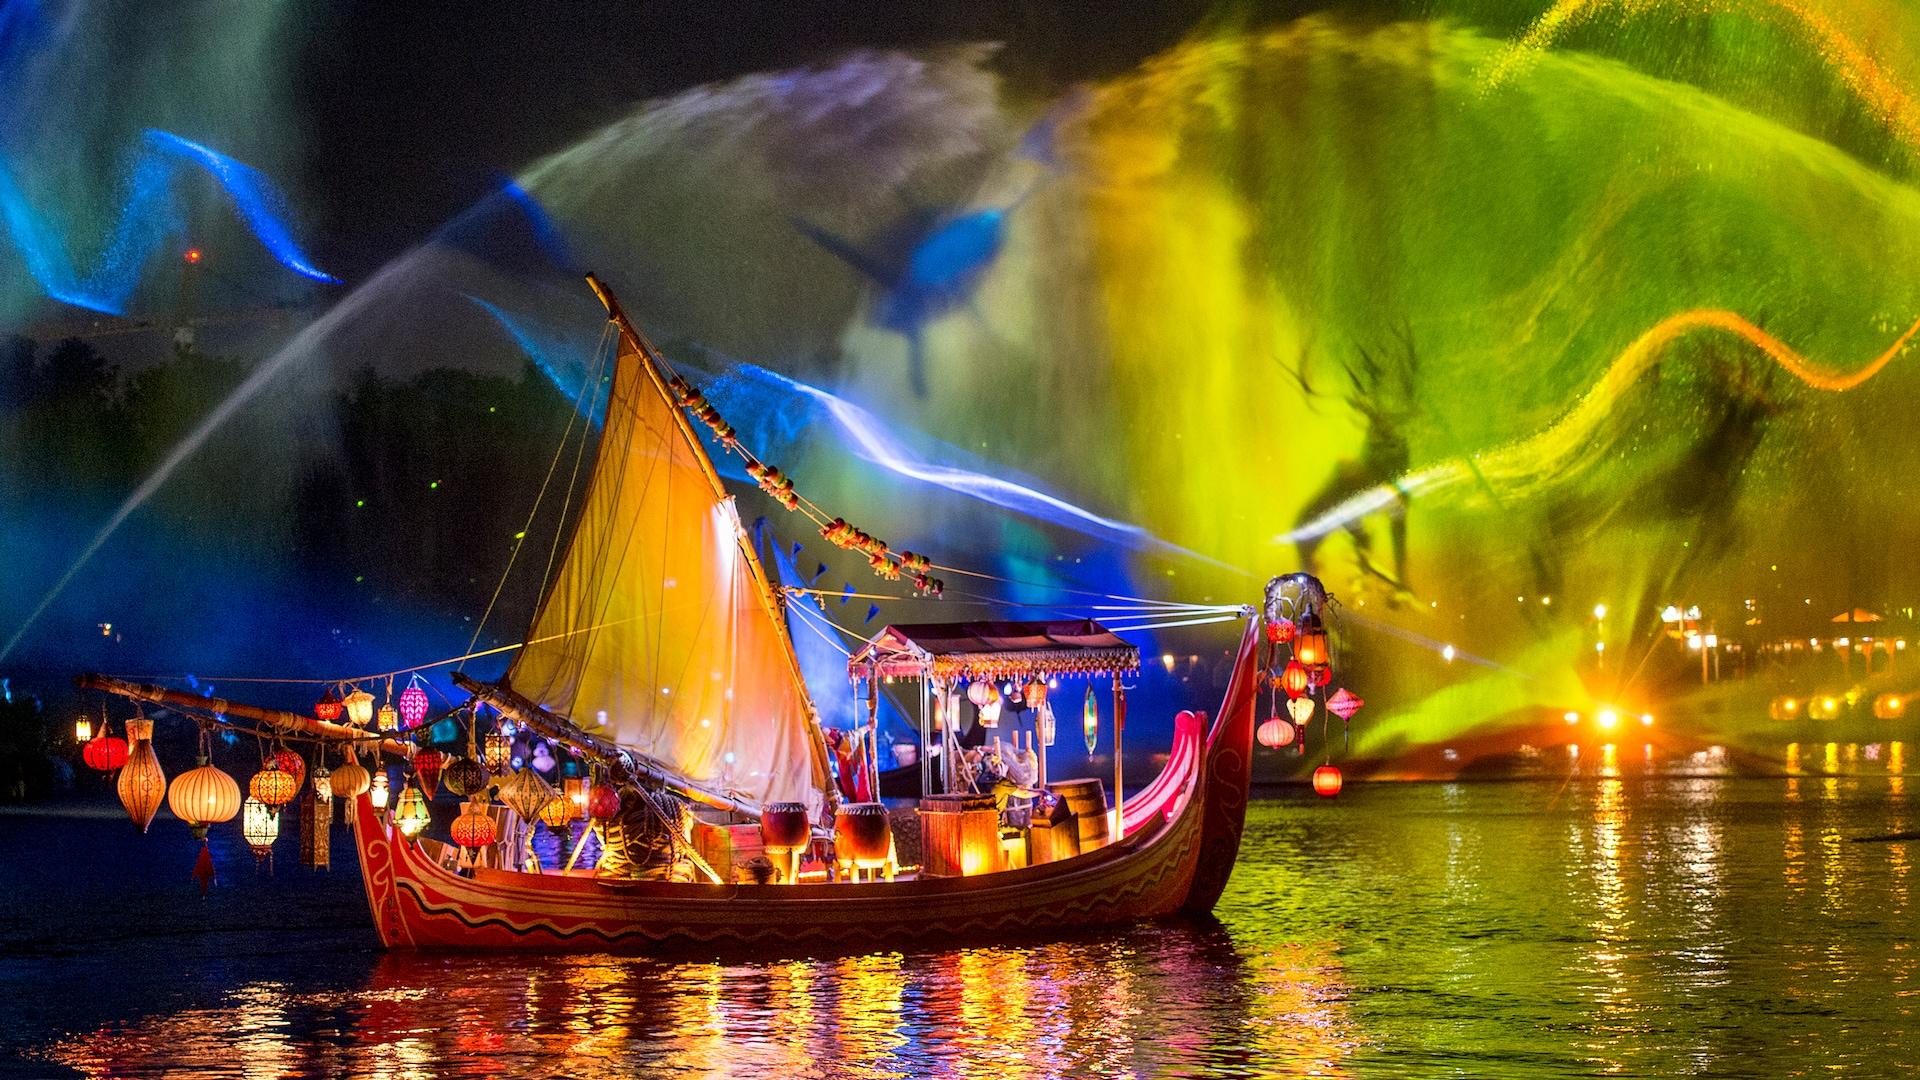 Uma embarcação flutua na água sob uma colorida apresentação de animais